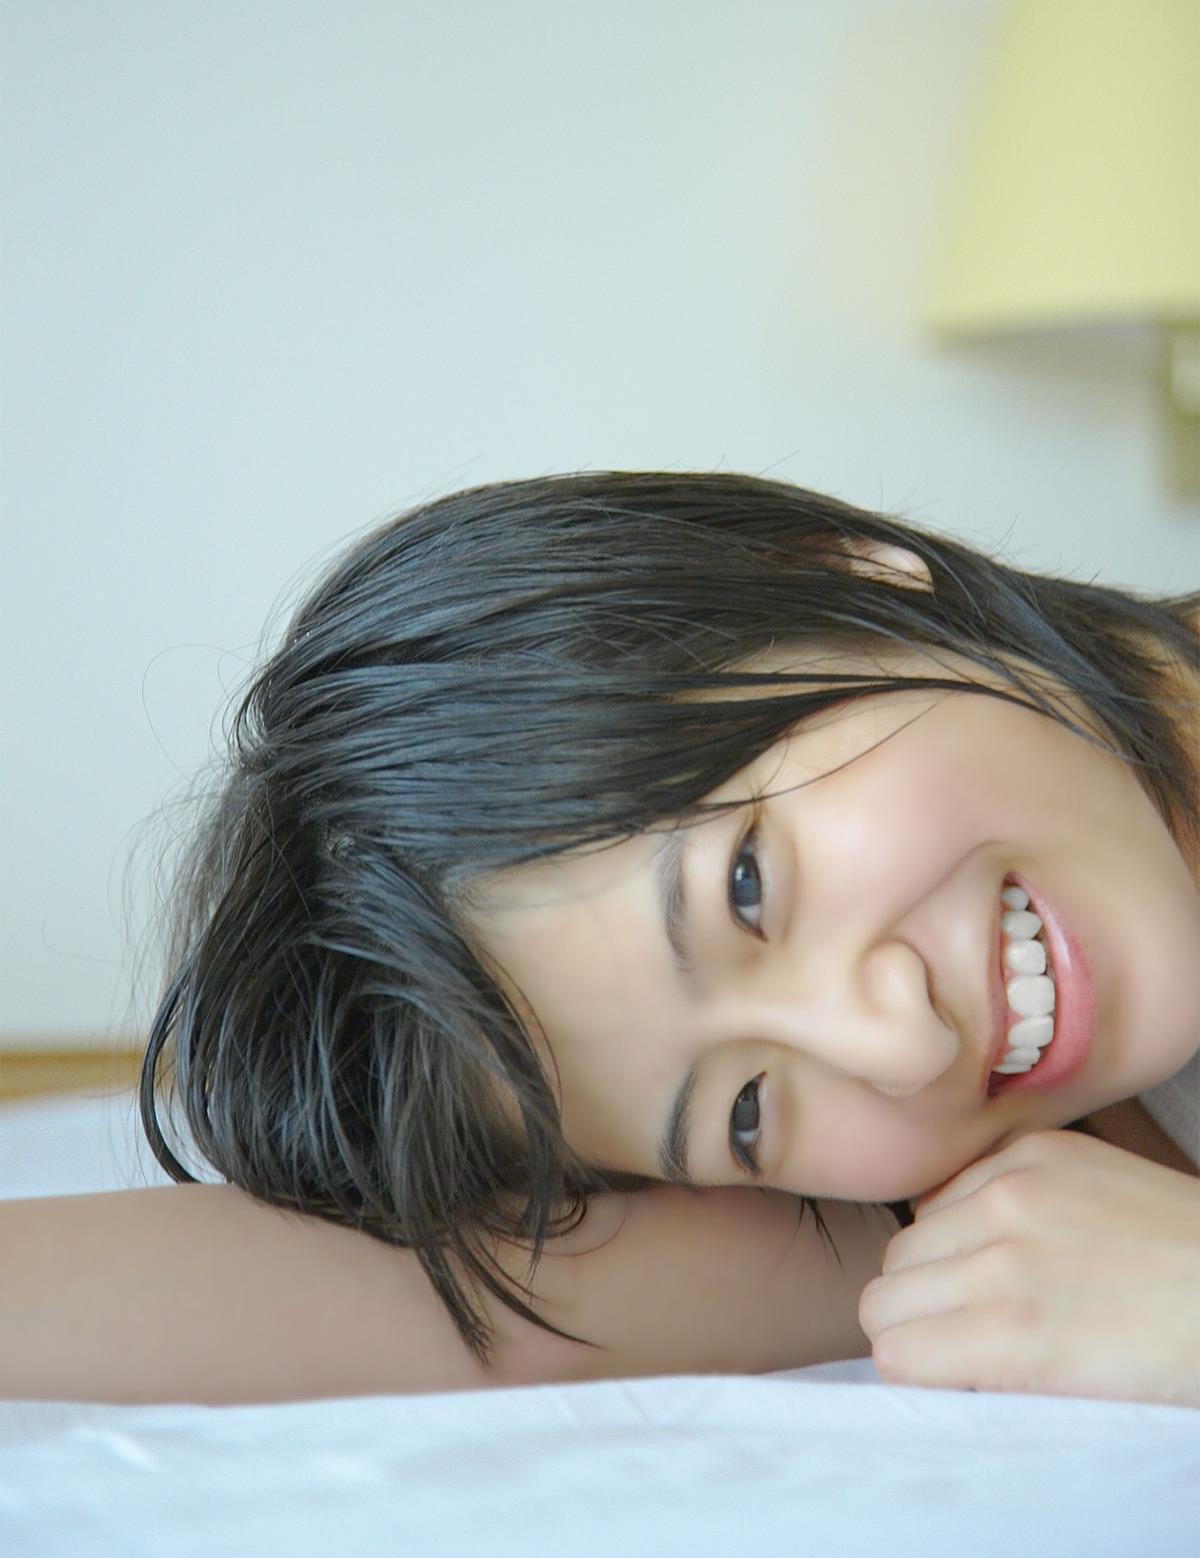 南沢奈央 画像 37